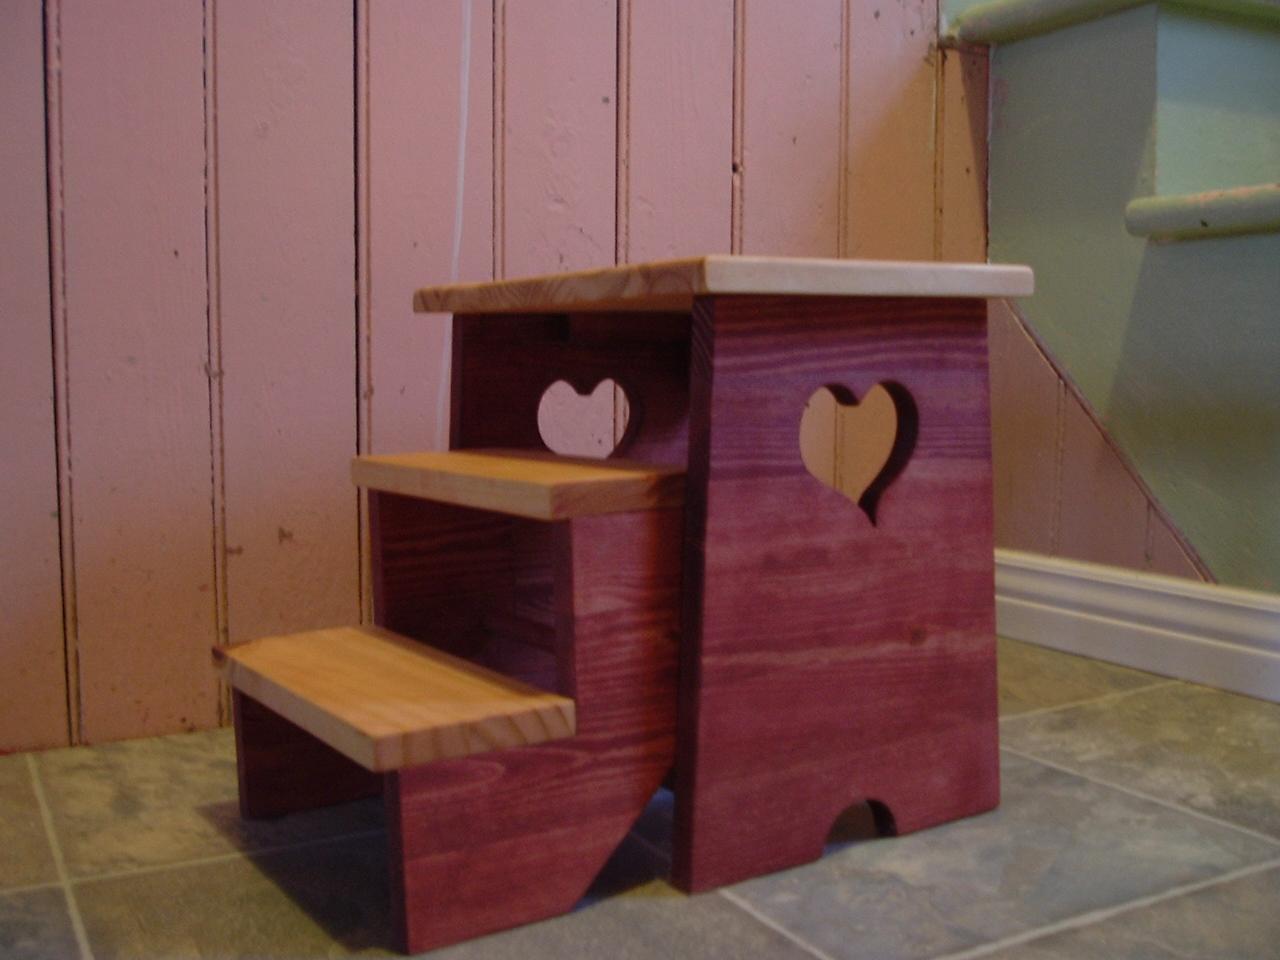 un meuble qu b cois un banc pour enfant. Black Bedroom Furniture Sets. Home Design Ideas